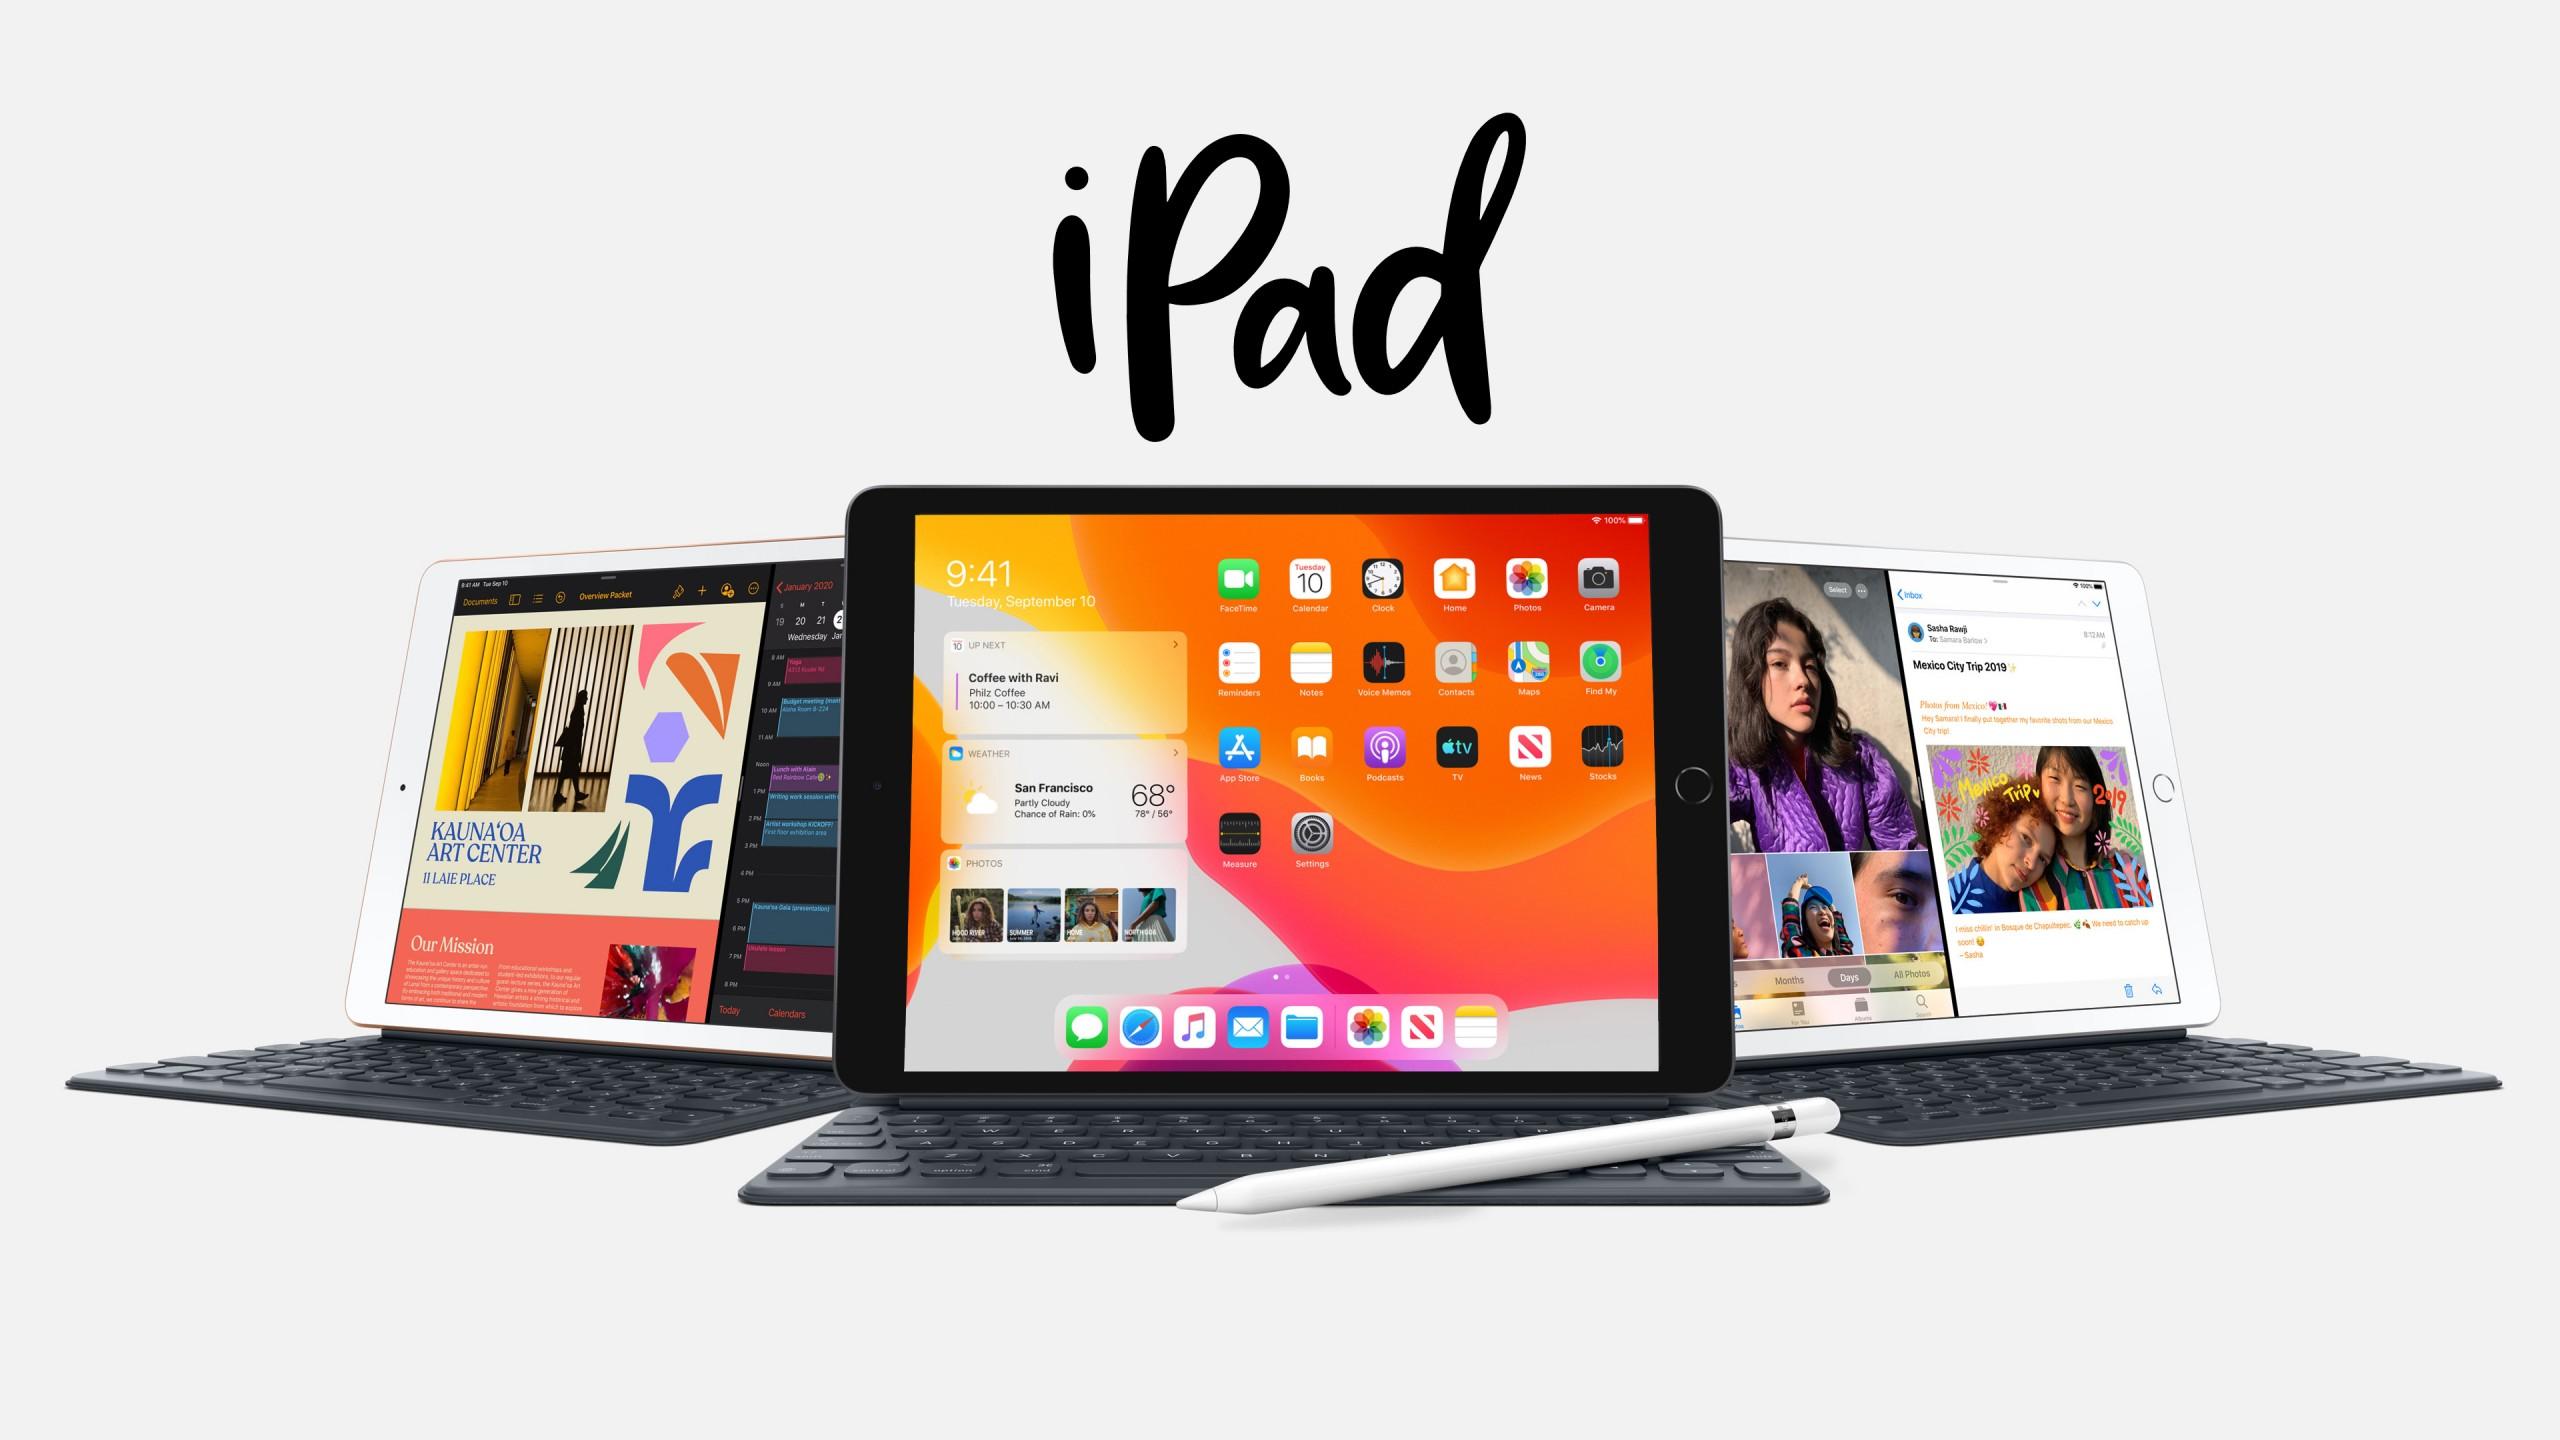 apple event 2020 september